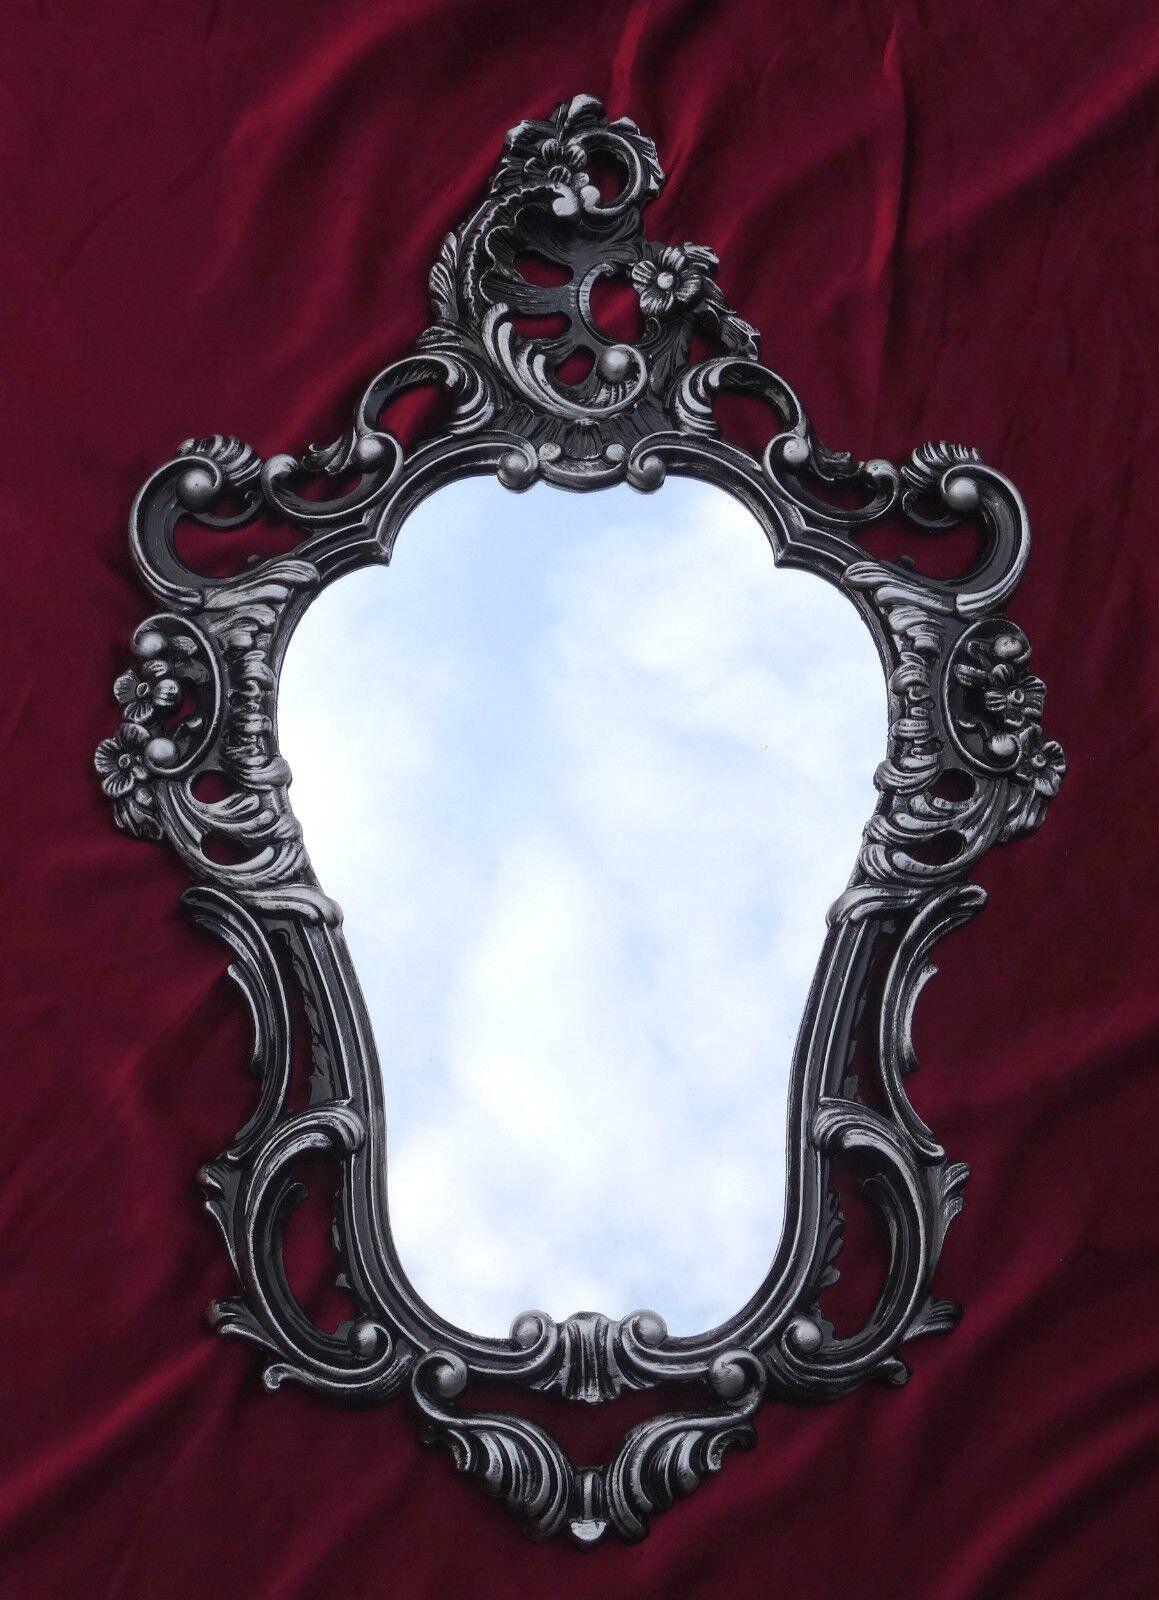 Exclusive Wall Mirror In Black Silver Dual Color Oval Antique Baroque Wardrobe 50 X 76 Cm